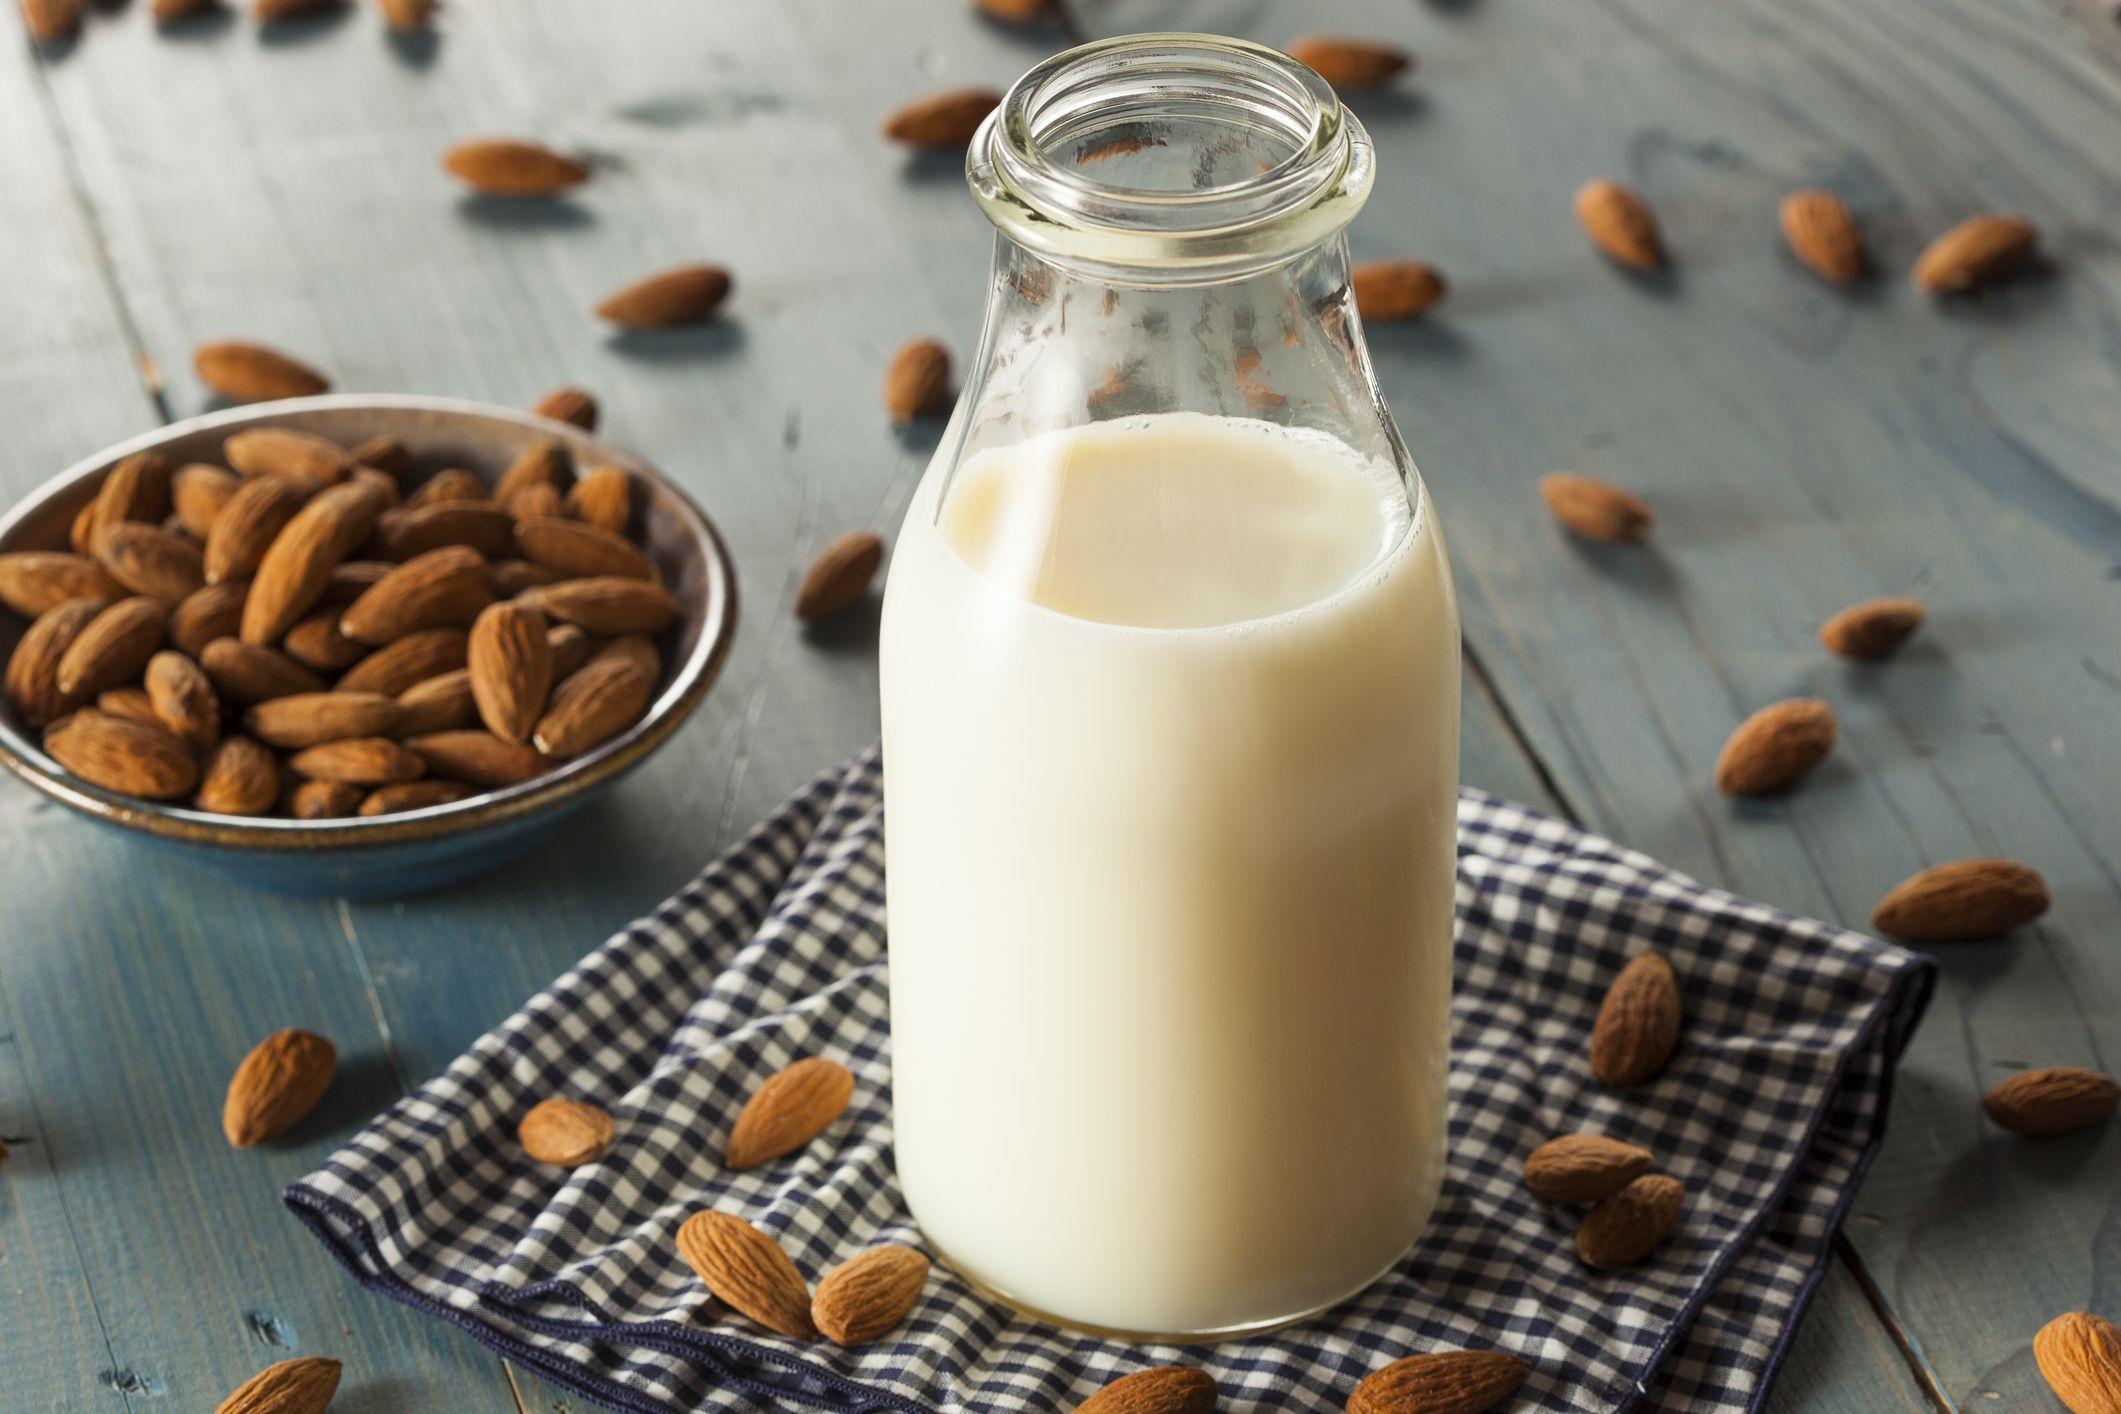 milk-almond-nut-dairy-stock